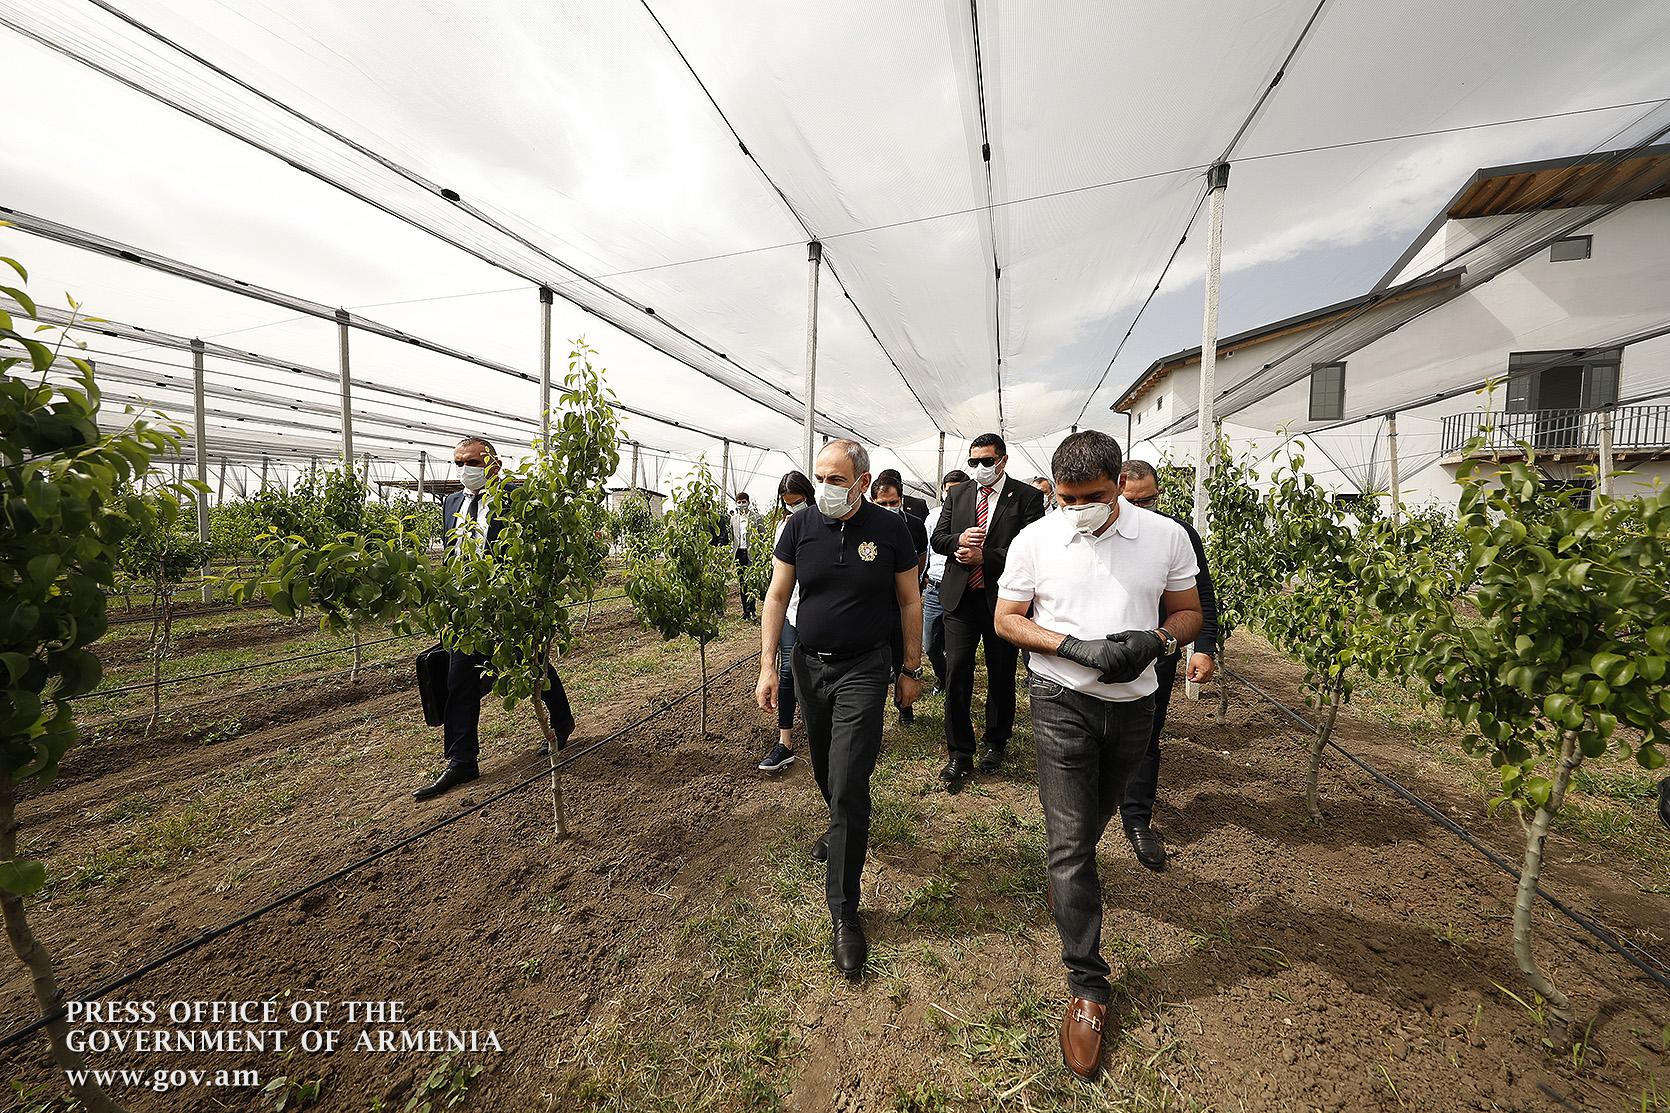 Photo of Վարչապետն Արարատի մարզում ծանոթացել է գյուղատնտեսական աշխատանքների ու ինտենսիվ այգիներ հիմնելու ծրագրերի ընթացքին